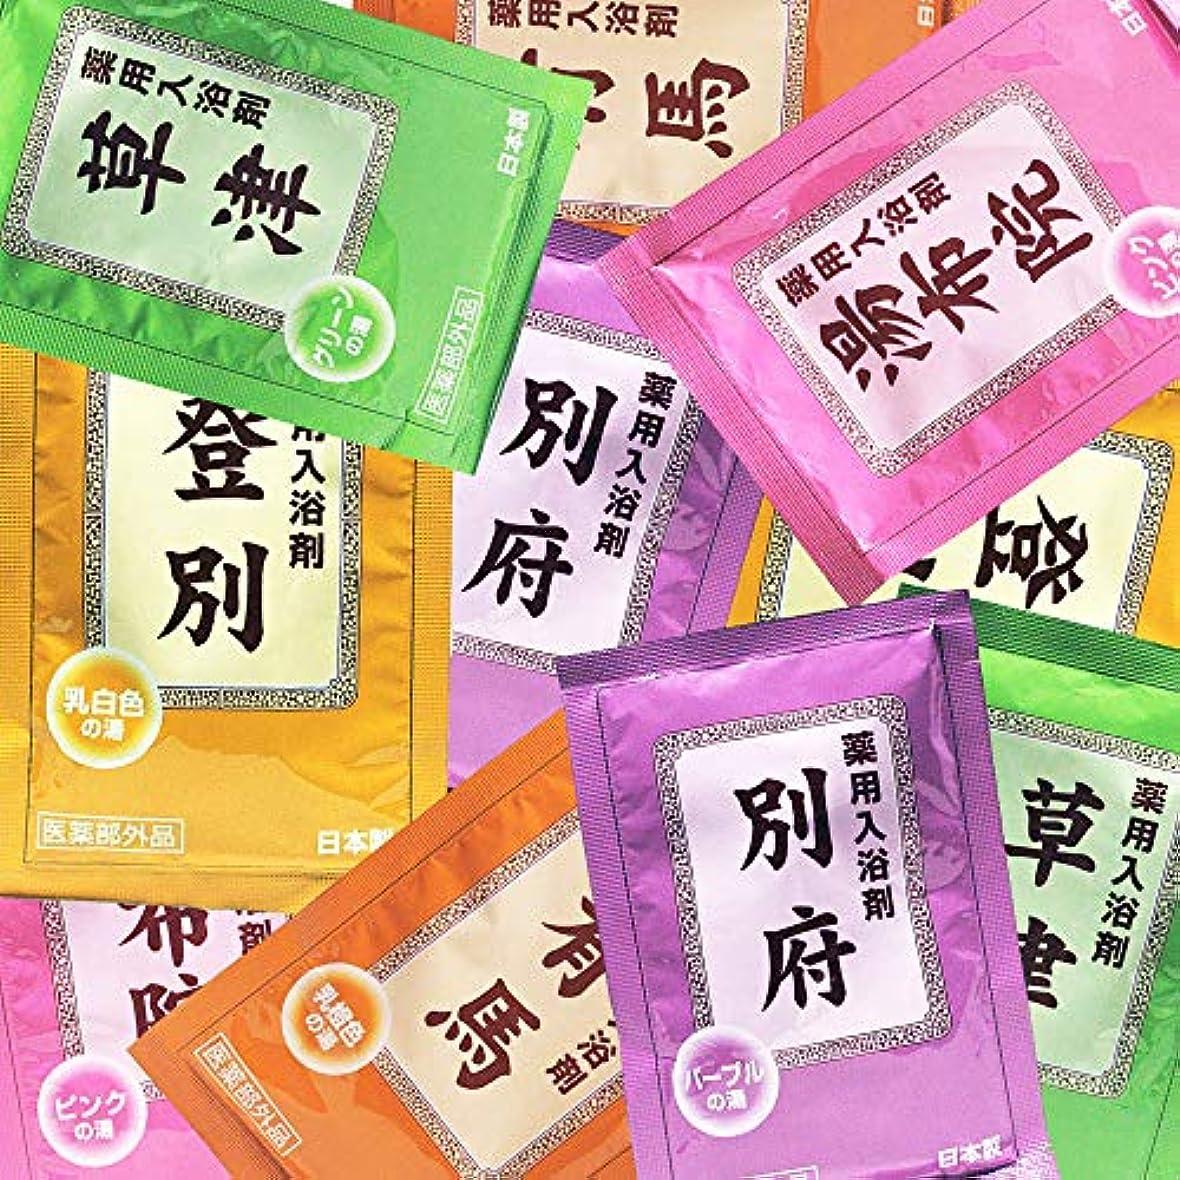 薬用入浴剤 湯宿めぐり 25g×10包